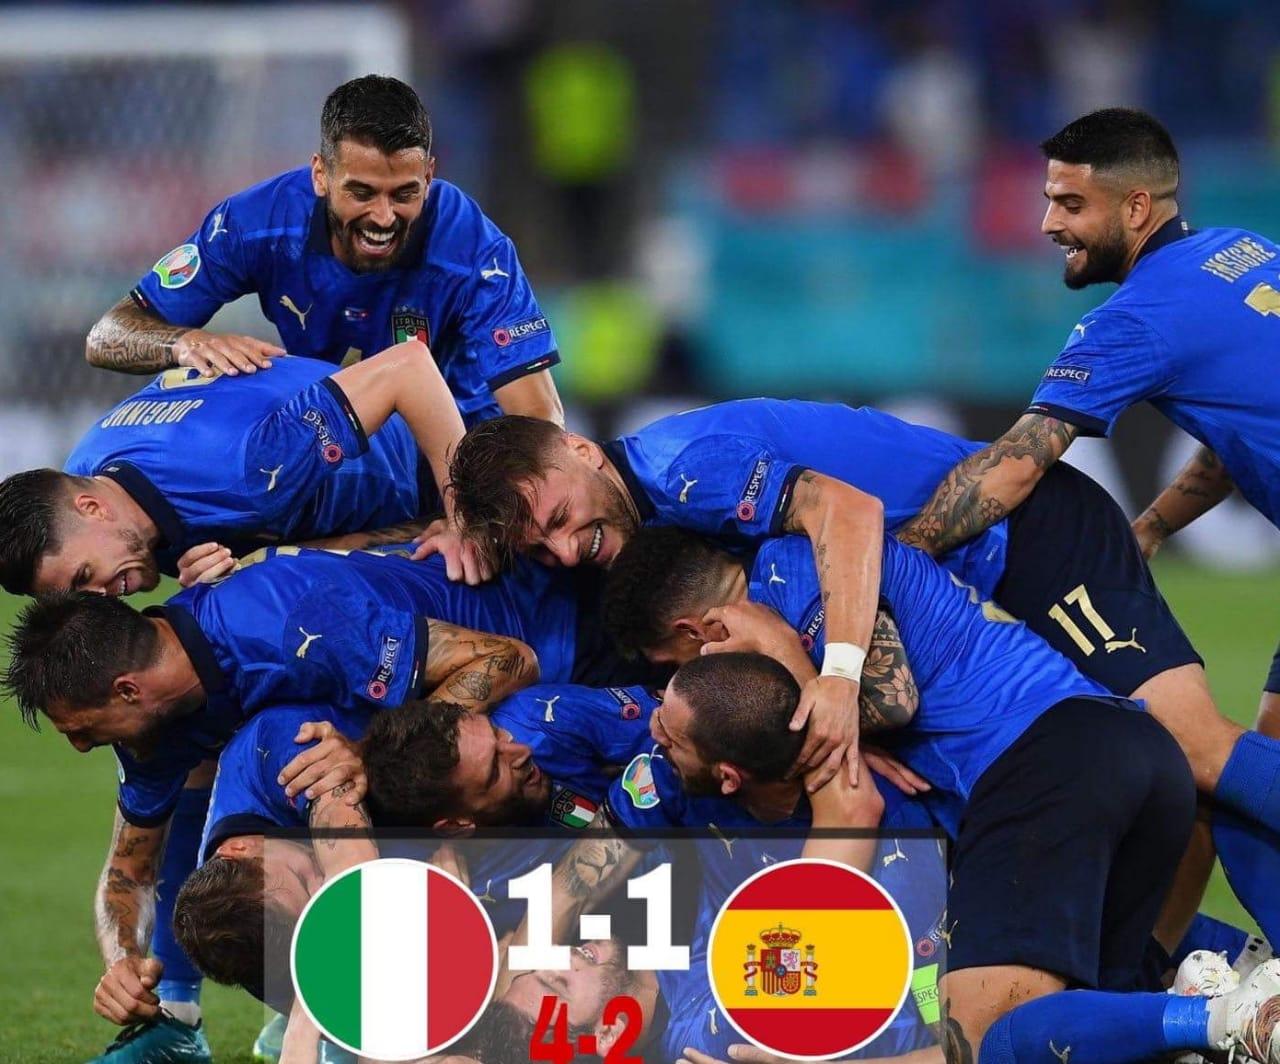 إيطاليا للنهائي الأوروبي بعد تخطي الماتادور الأسباني بركلات الترجيح!